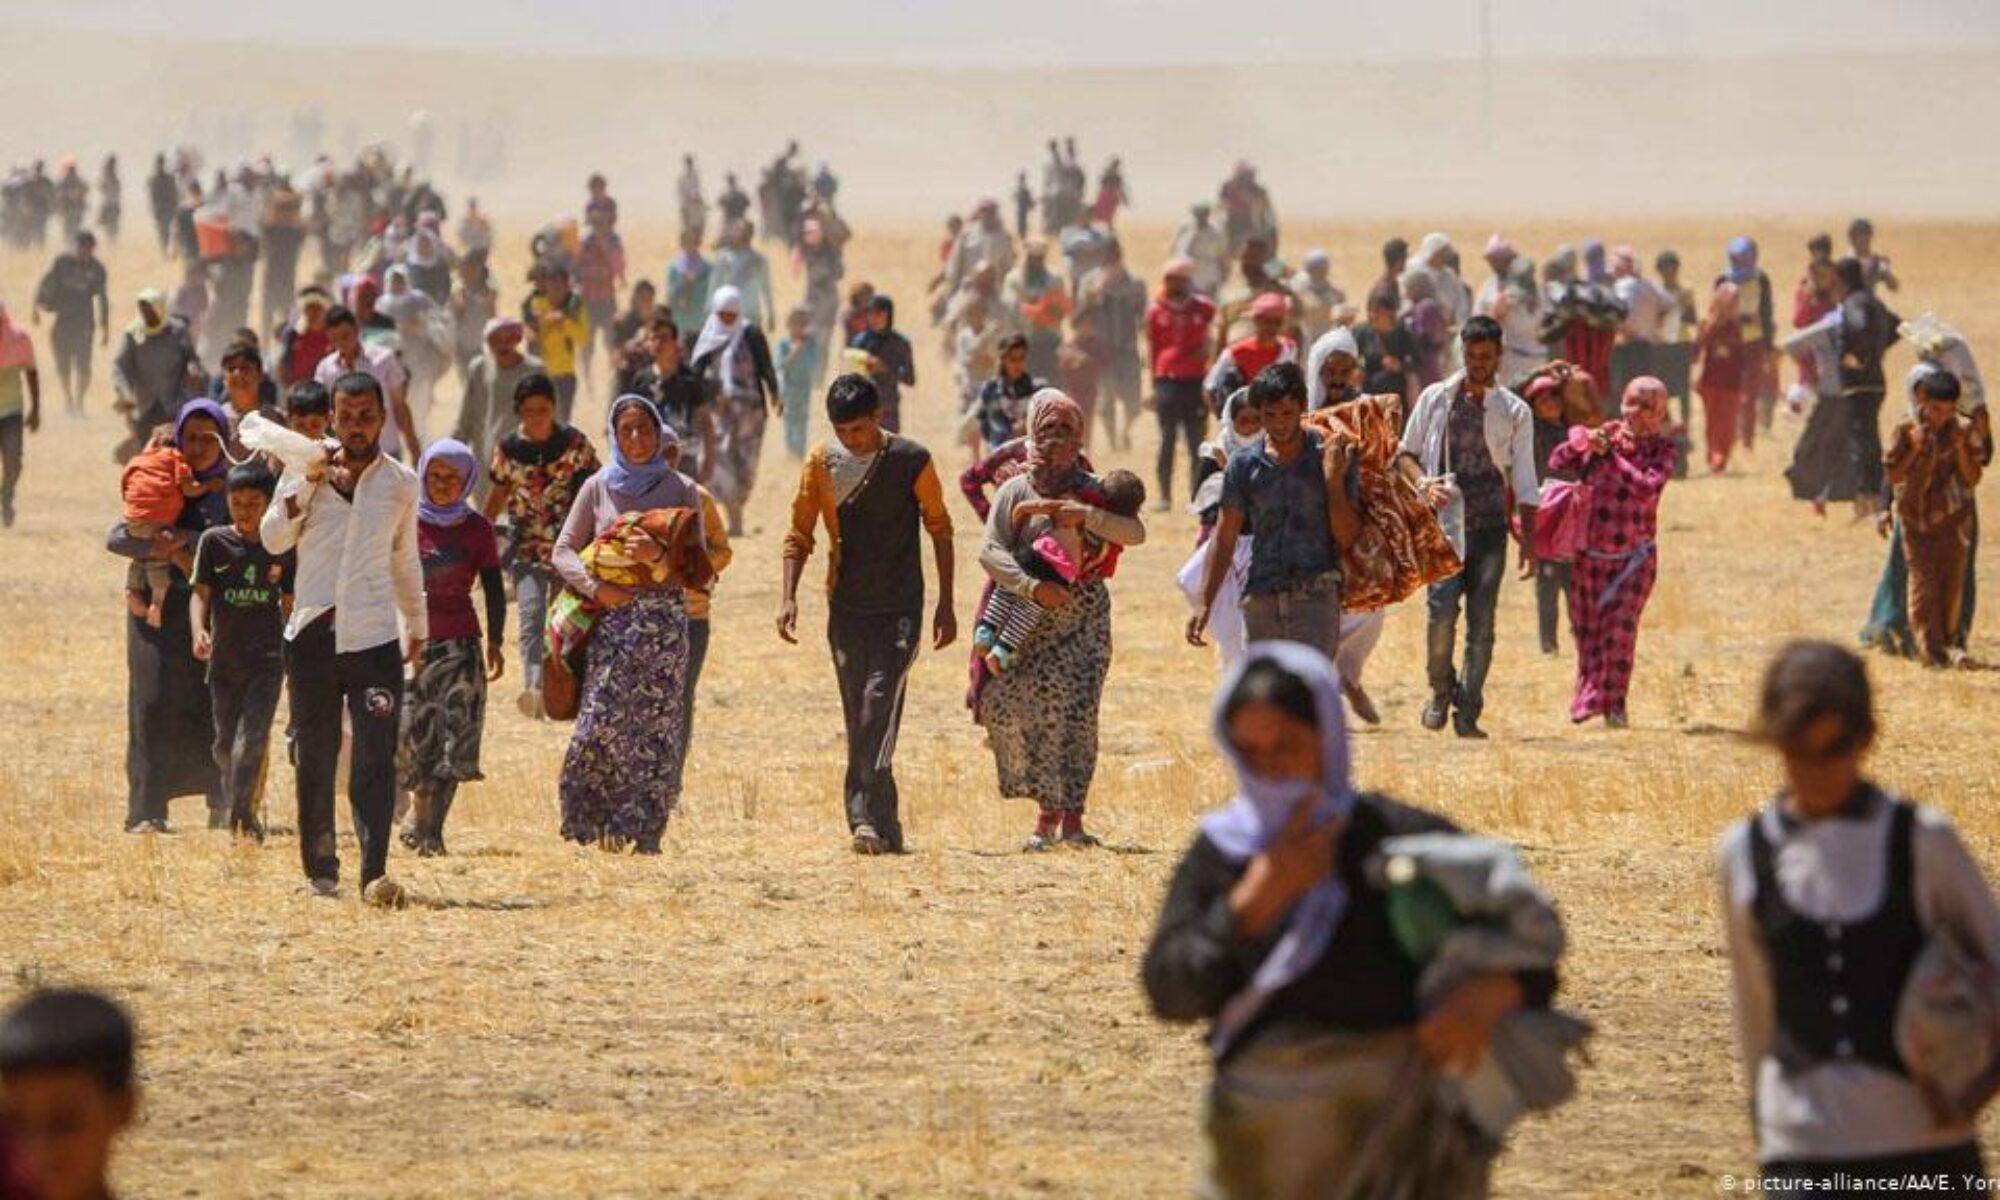 IŞİD'in Ezidilere dönük katliamının yeni istatistik bilgileri paylaşıldı